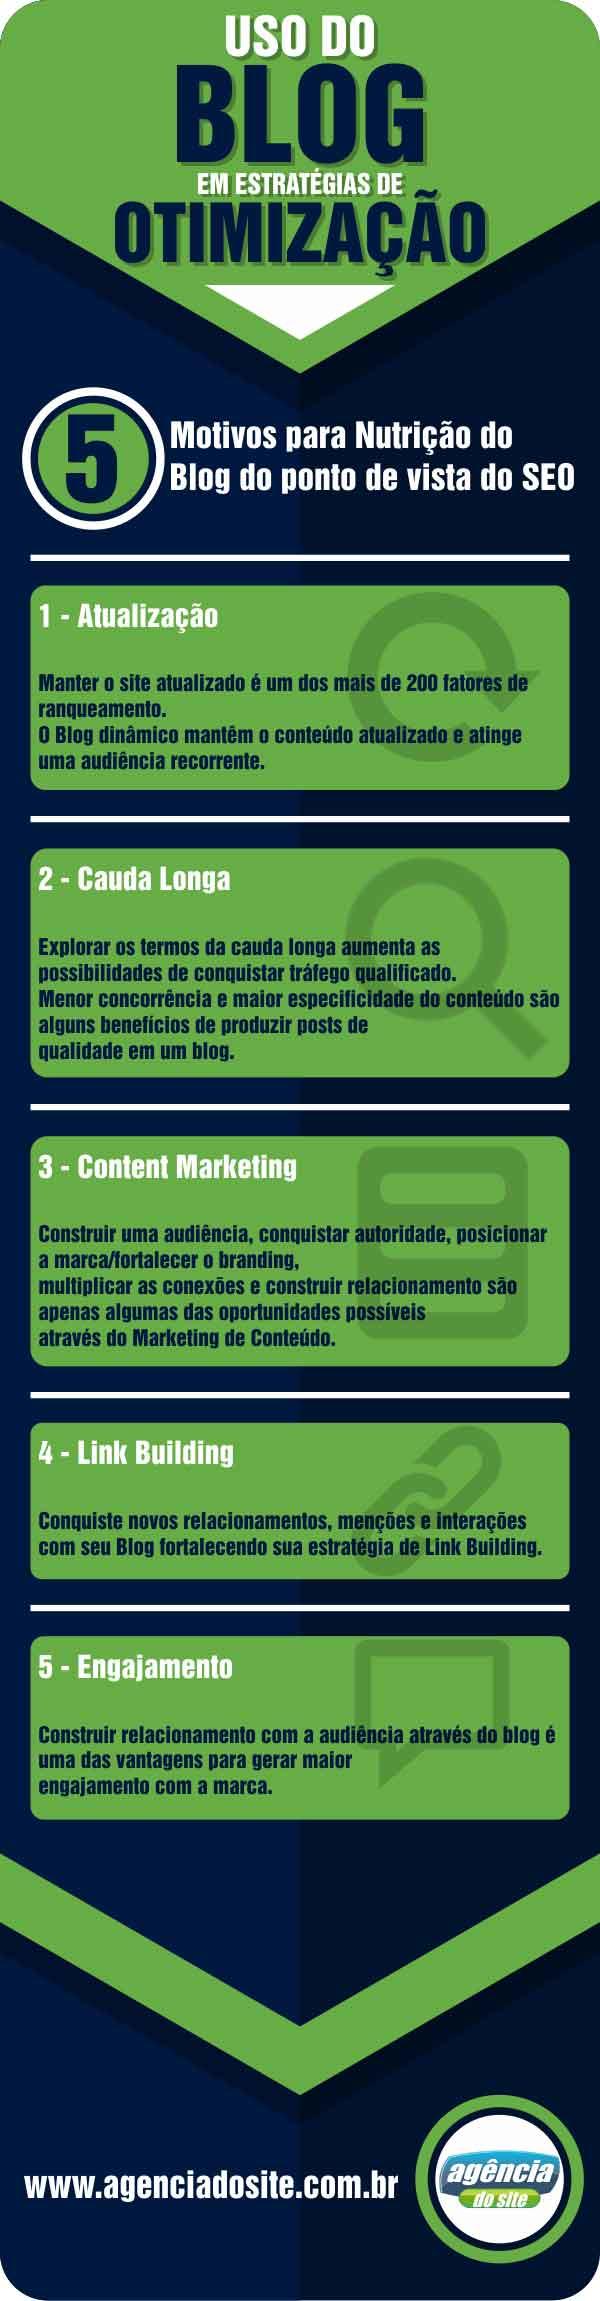 5 motivos para nutrir um blog em sua estratégia de SEO